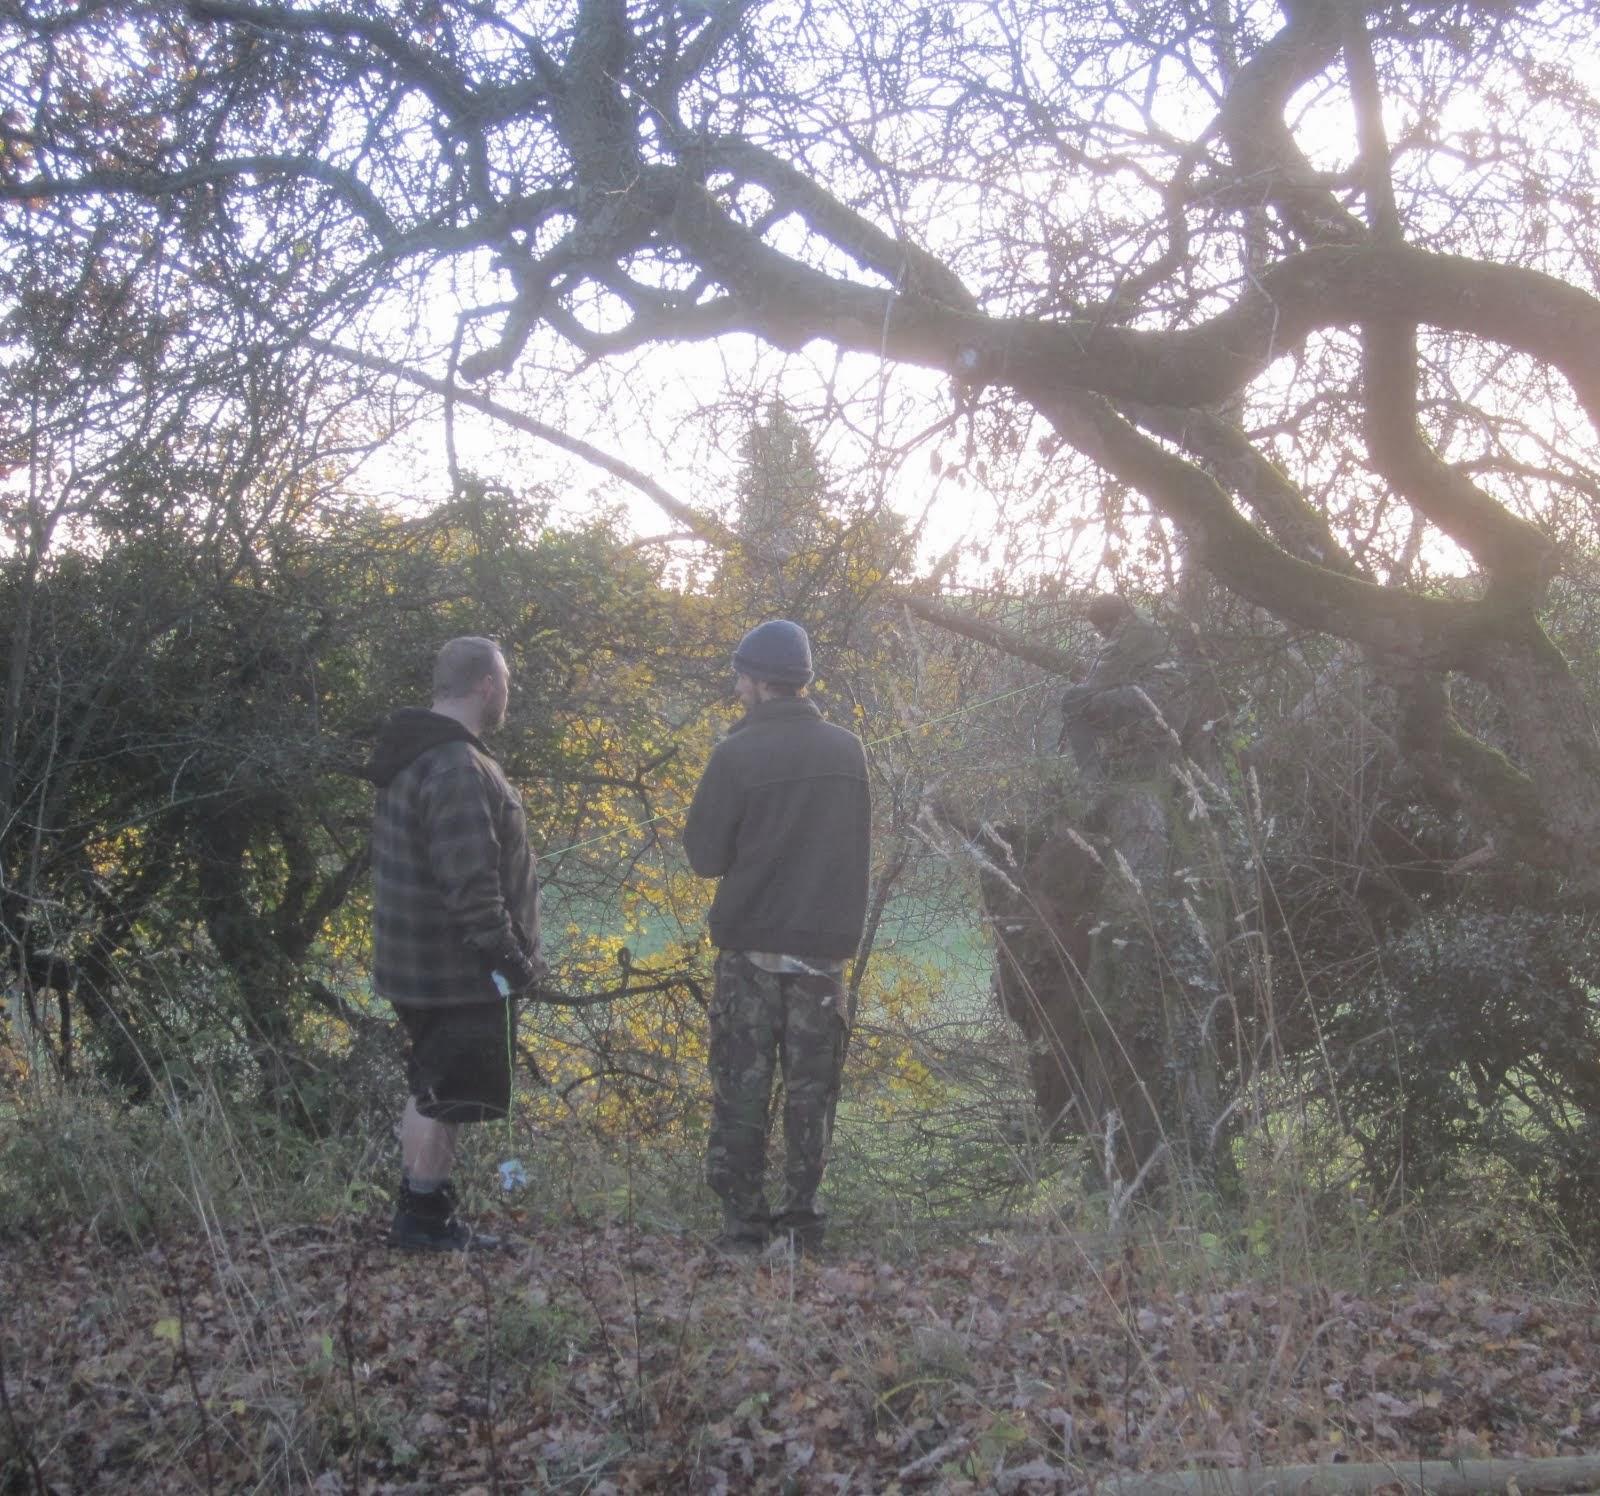 Pollarding willow